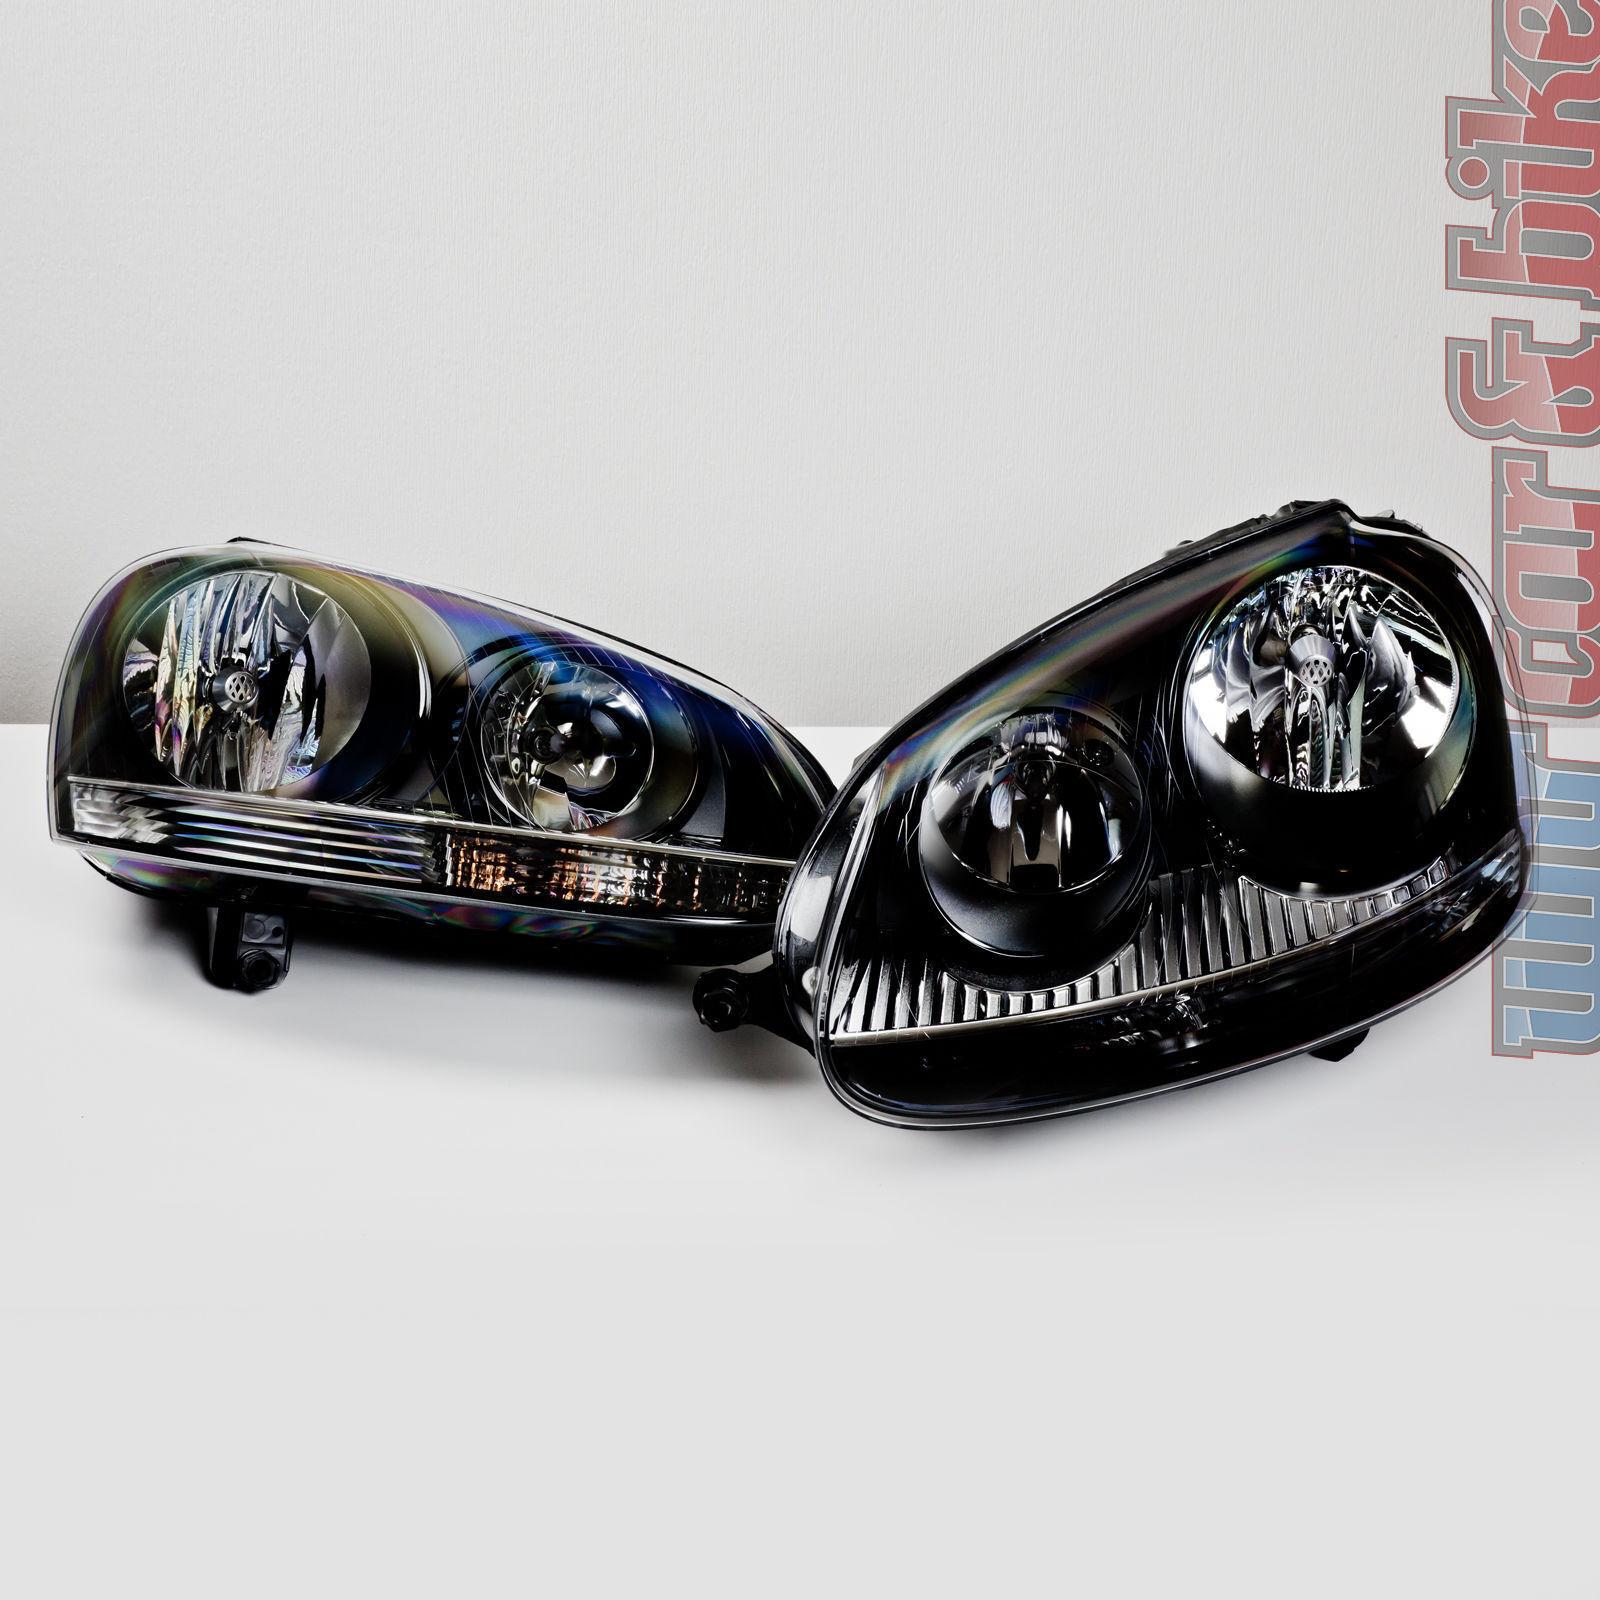 scheinwerfer h4 f r vw golf 1 auch cabrio 1 satz. Black Bedroom Furniture Sets. Home Design Ideas